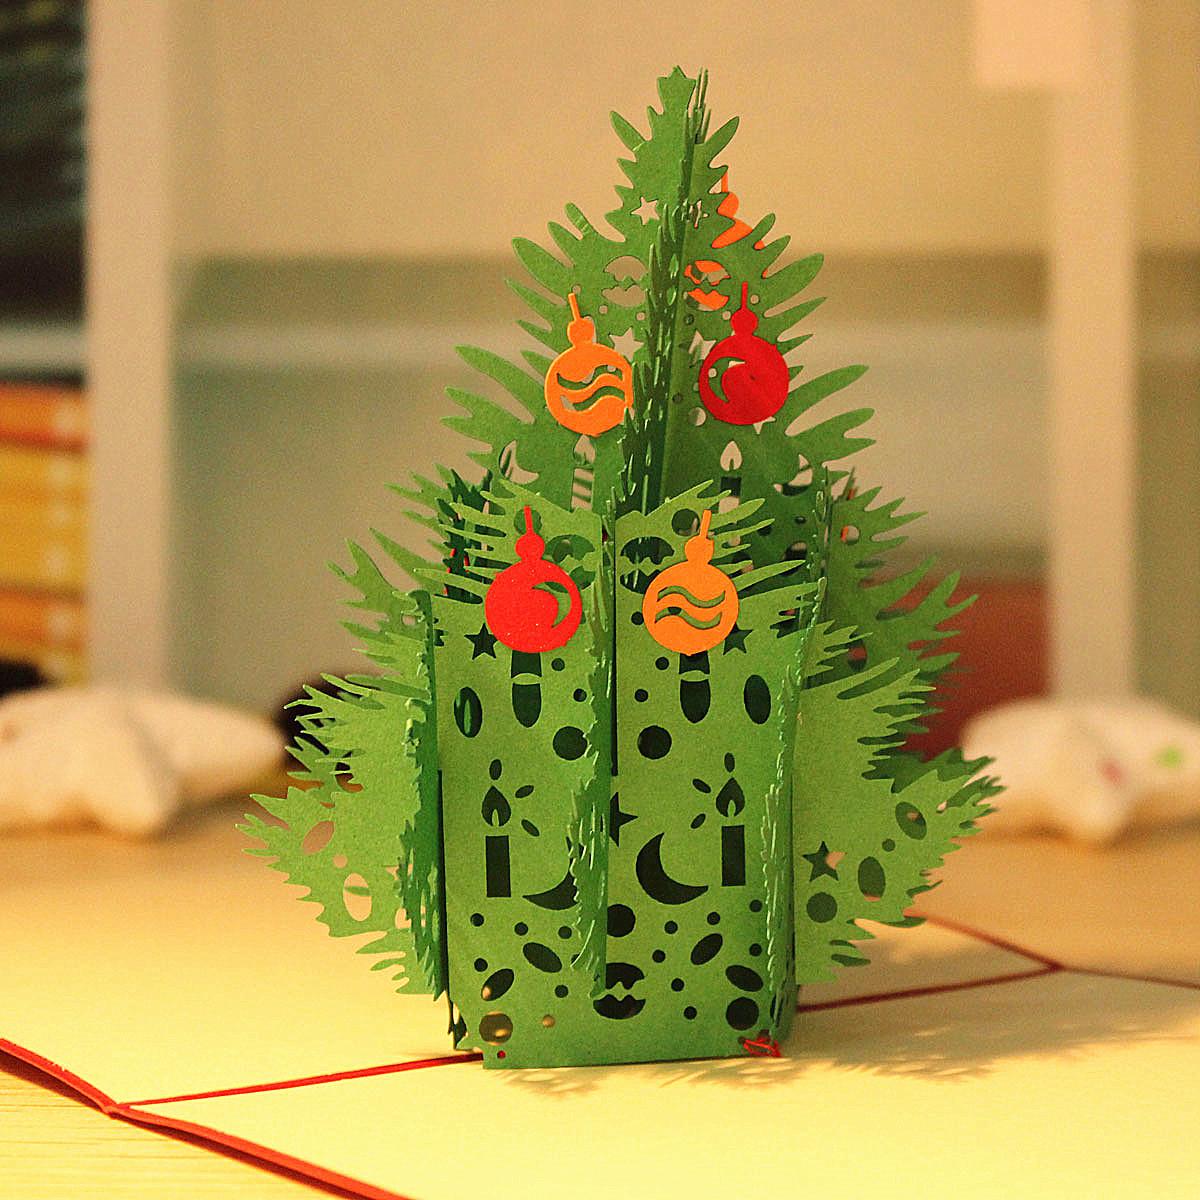 день рождения рождественской елки 3-й пригласительный билет поздравительной открытки ручной работы